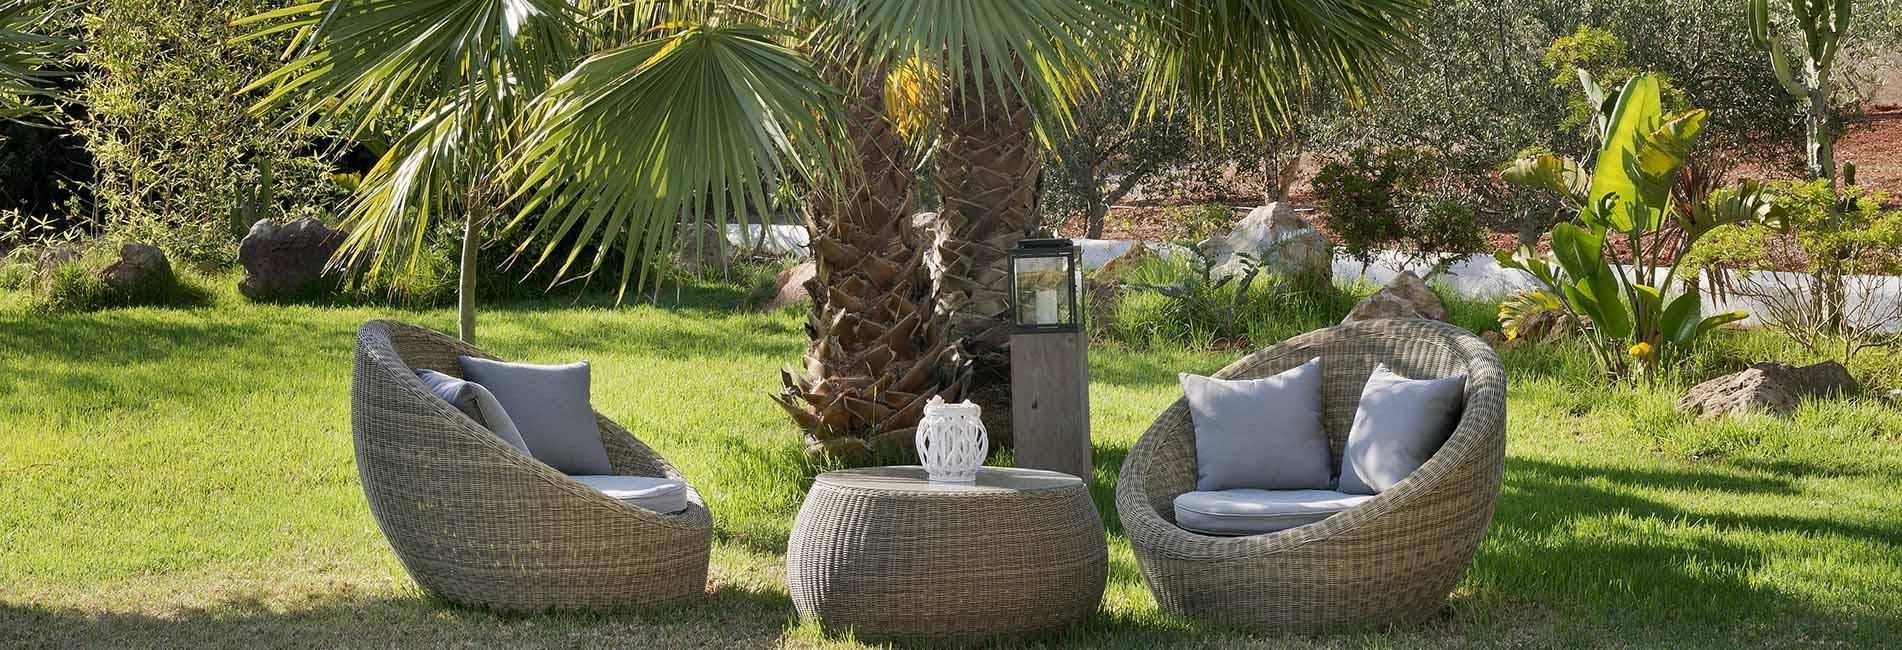 Tenemos el hotel perfecto para que disfrutes al máximo de la isla con tu familia